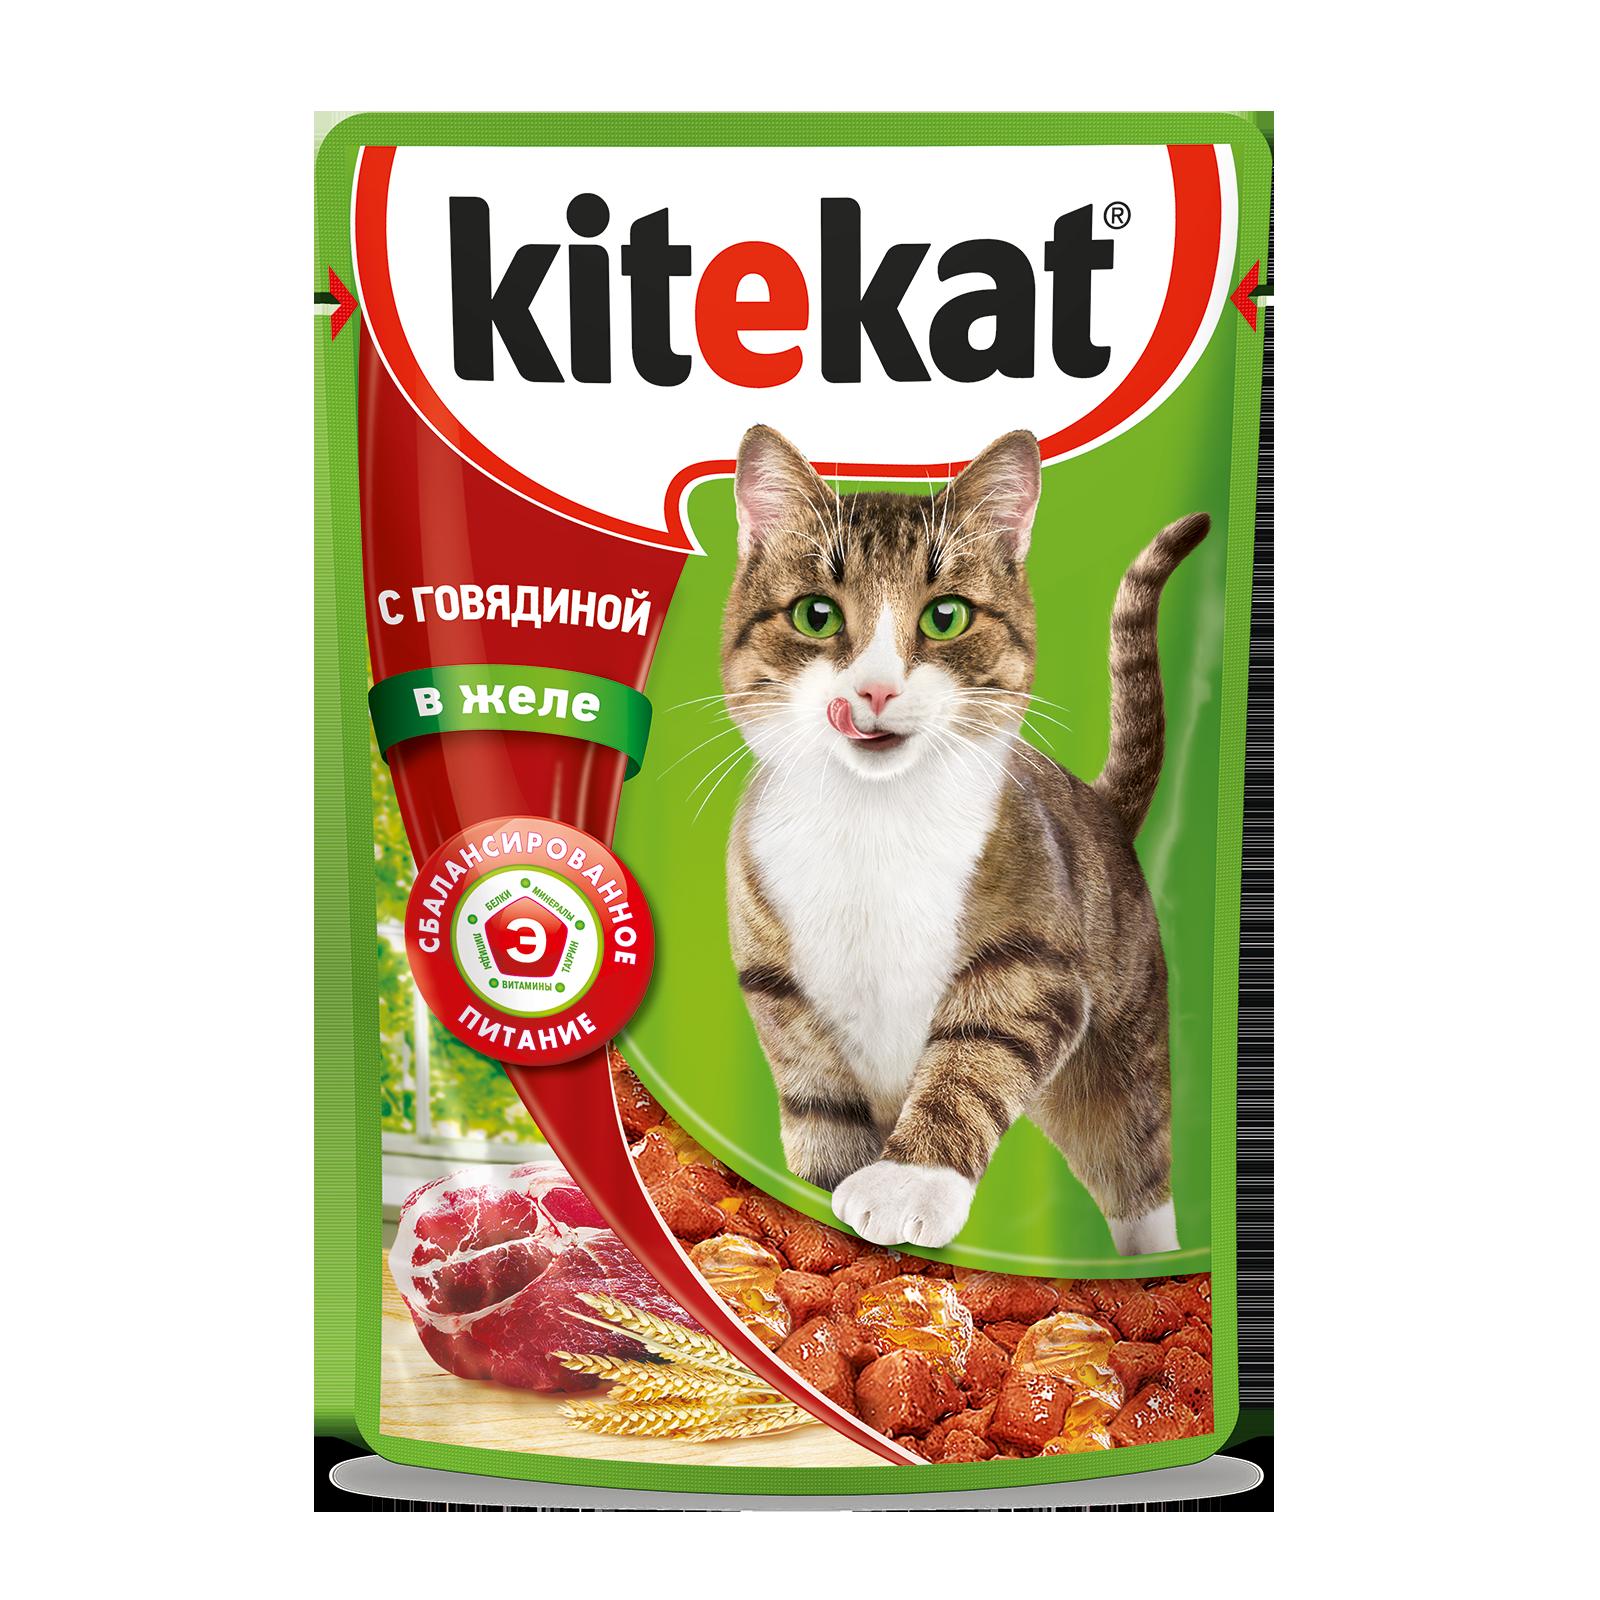 Влажный корм для кошек Kitekat с сочными кусочками говядины в желе, 85г